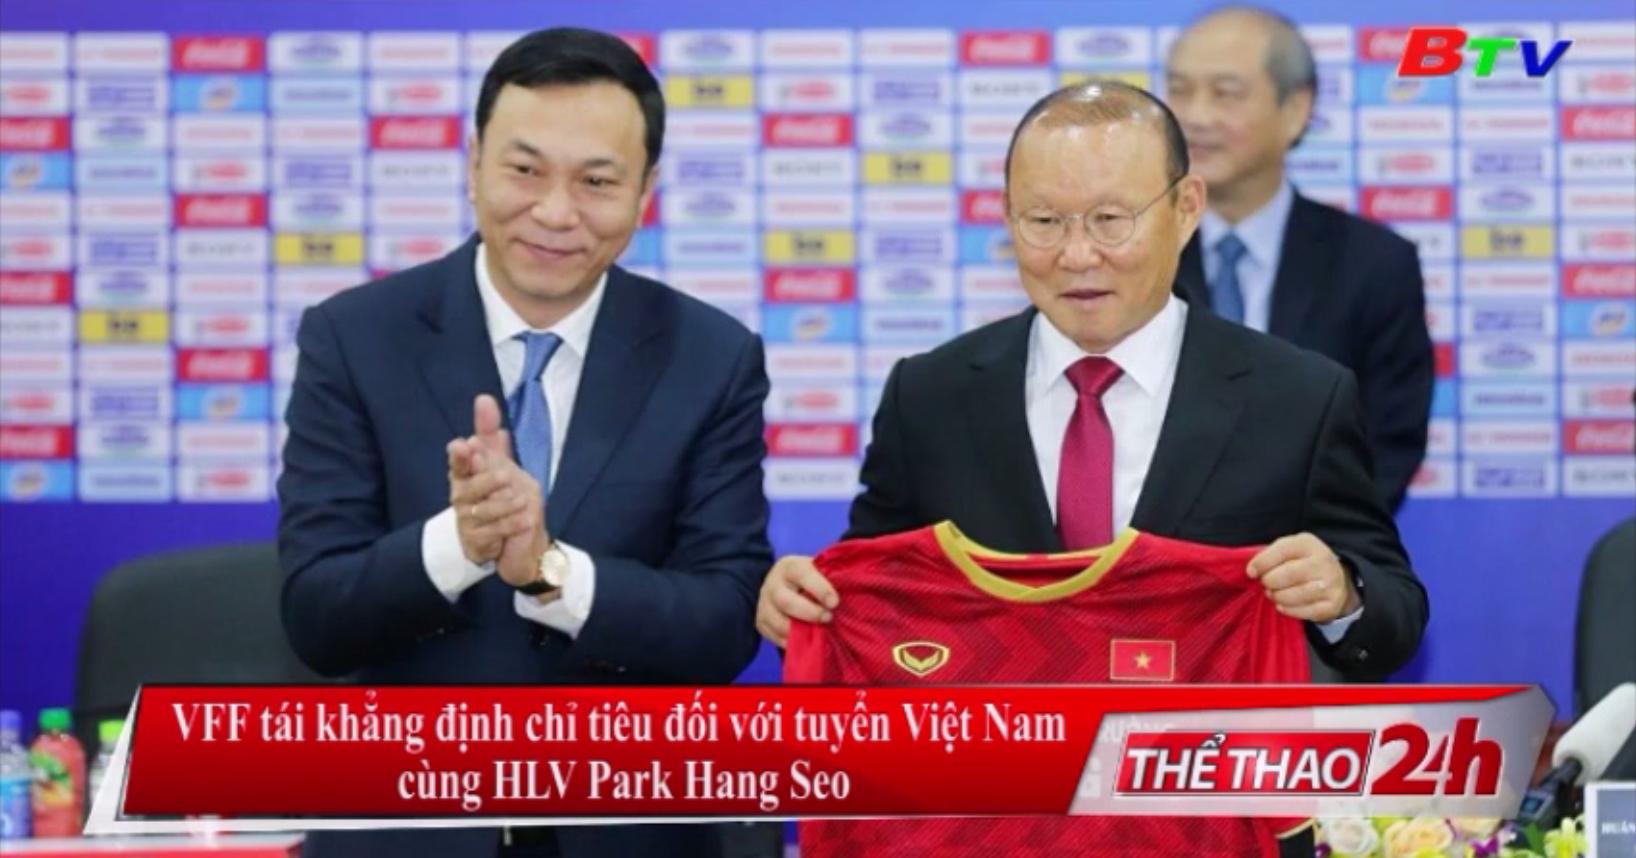 VFF tái khẳng định chỉ tiêu đối với tuyển Việt Nam cùng HLV Park Hang-seo